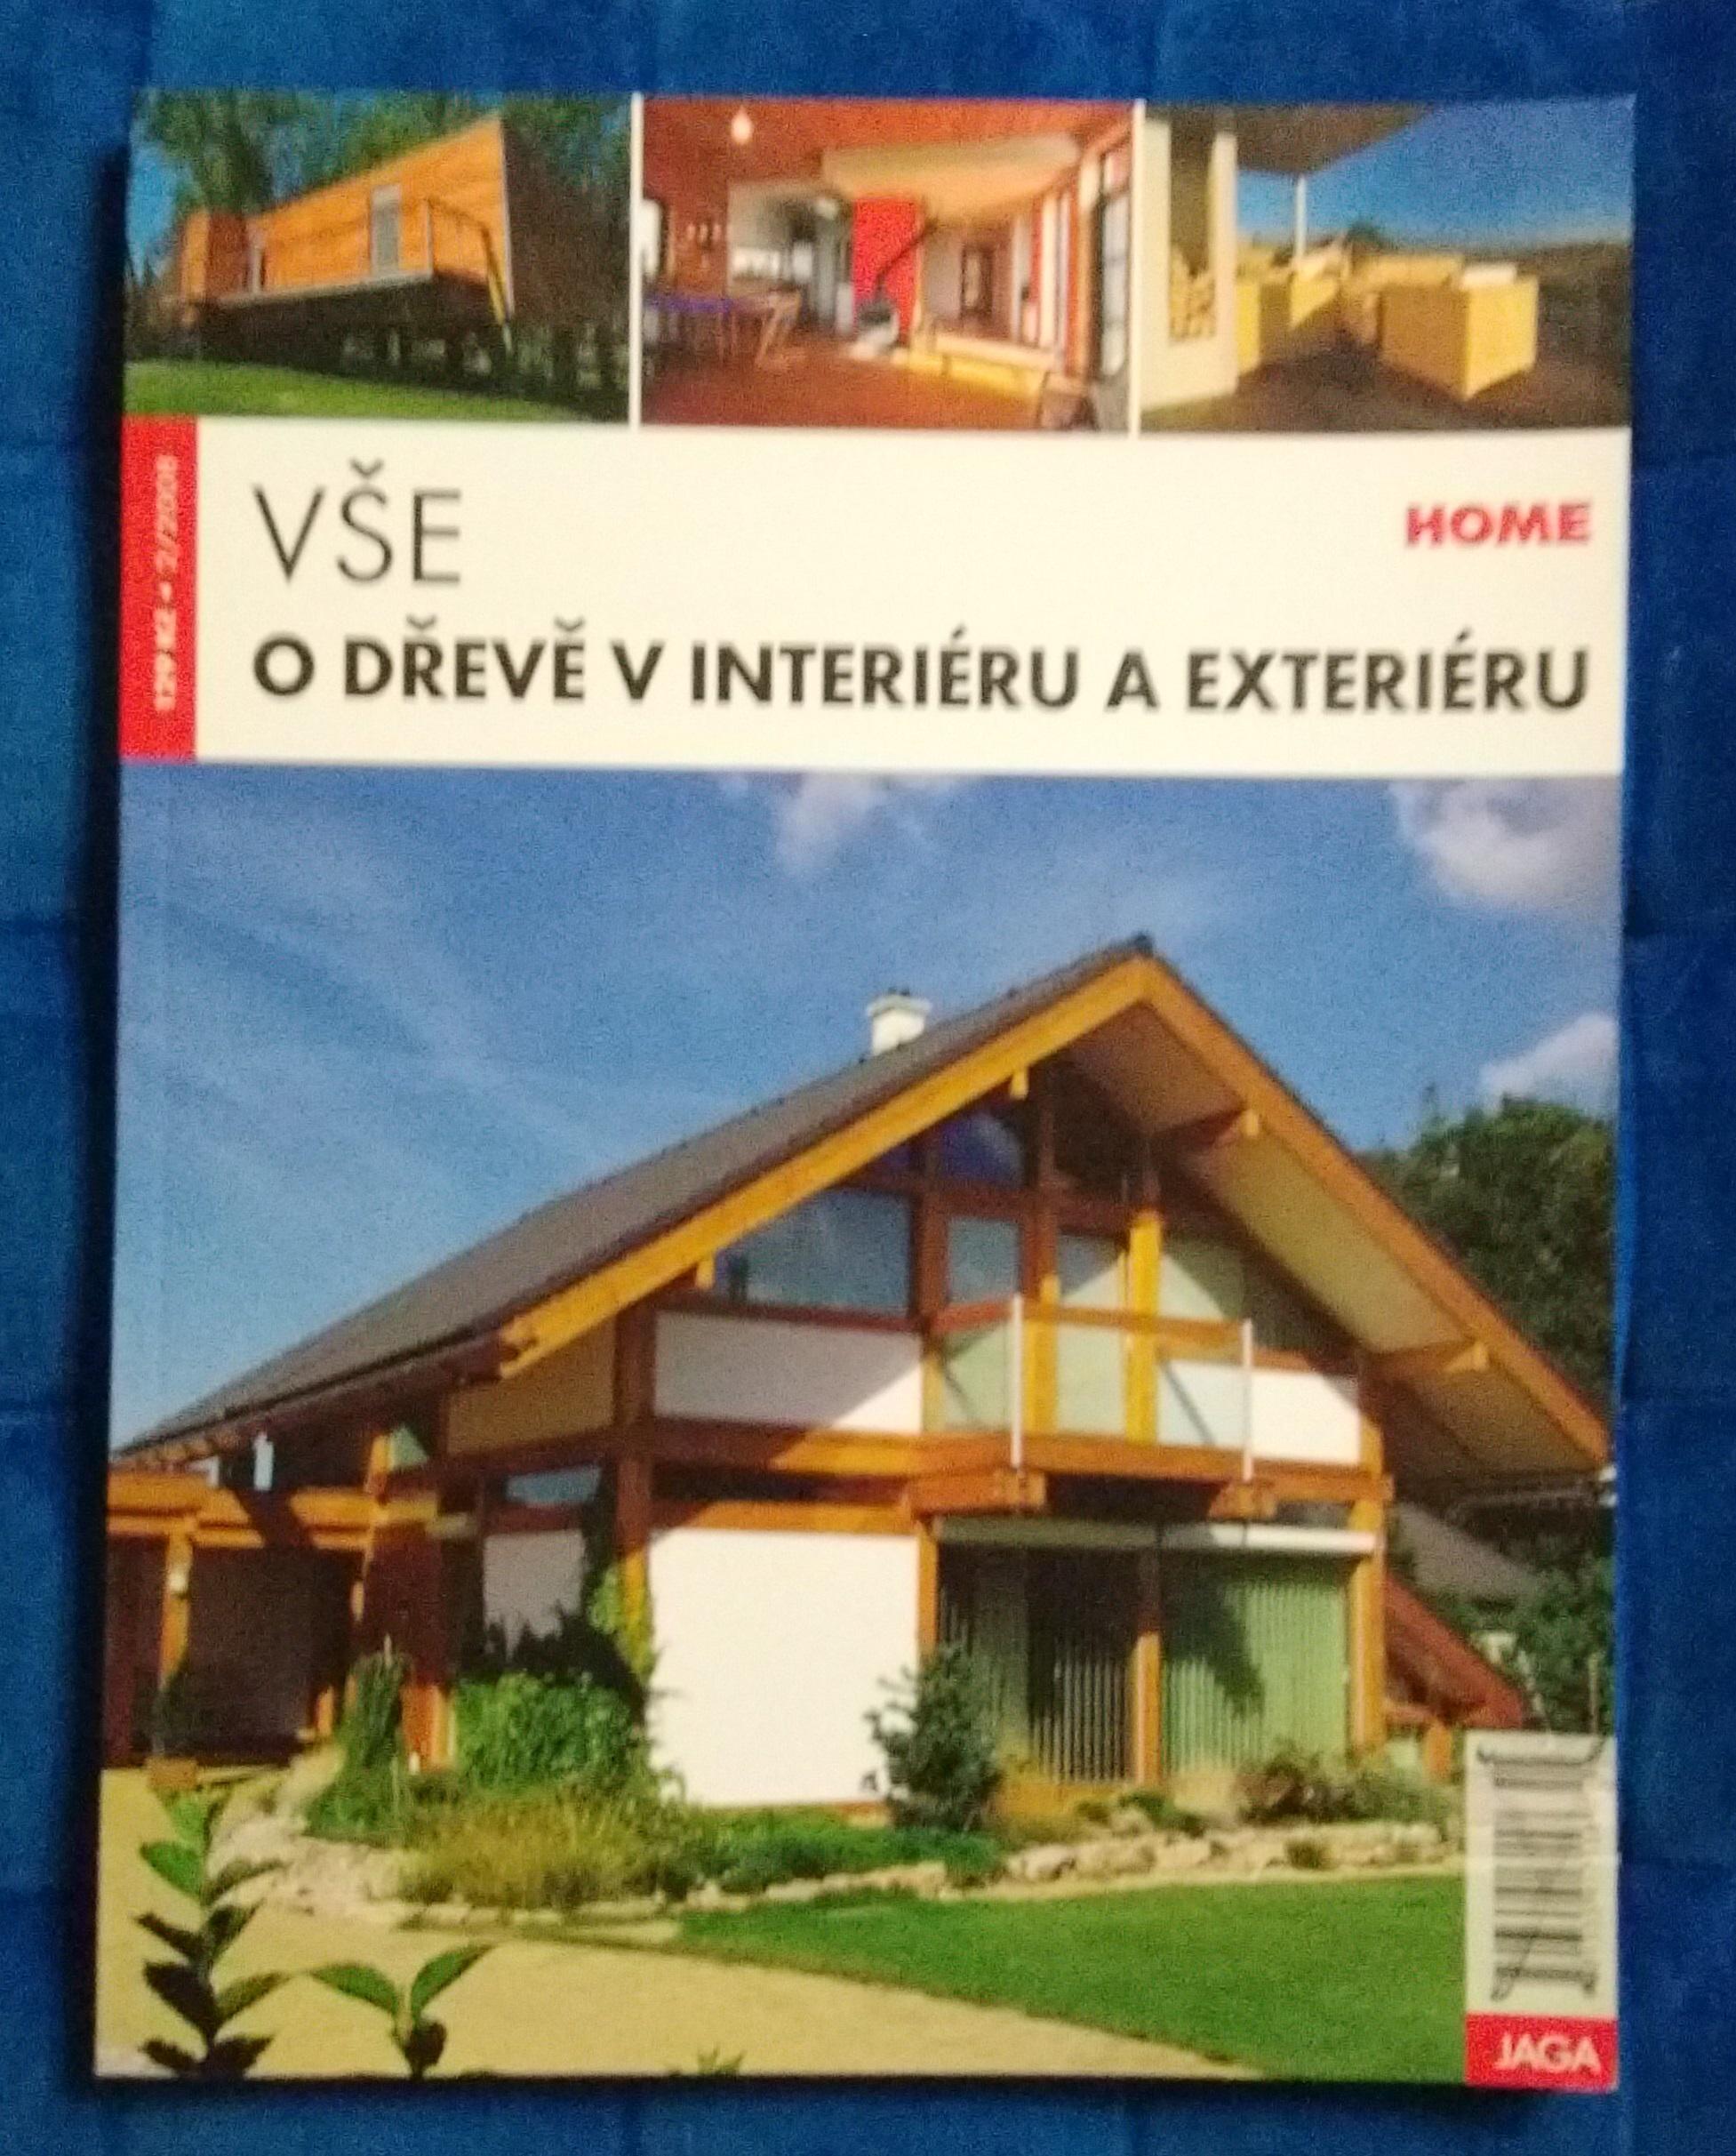 Vše o dřevě v interiéru a exteriéru, 2/2008 (klíčová slova: stavebnictví, truhlářství, řezbářství, bydlení, dům a zahrada)